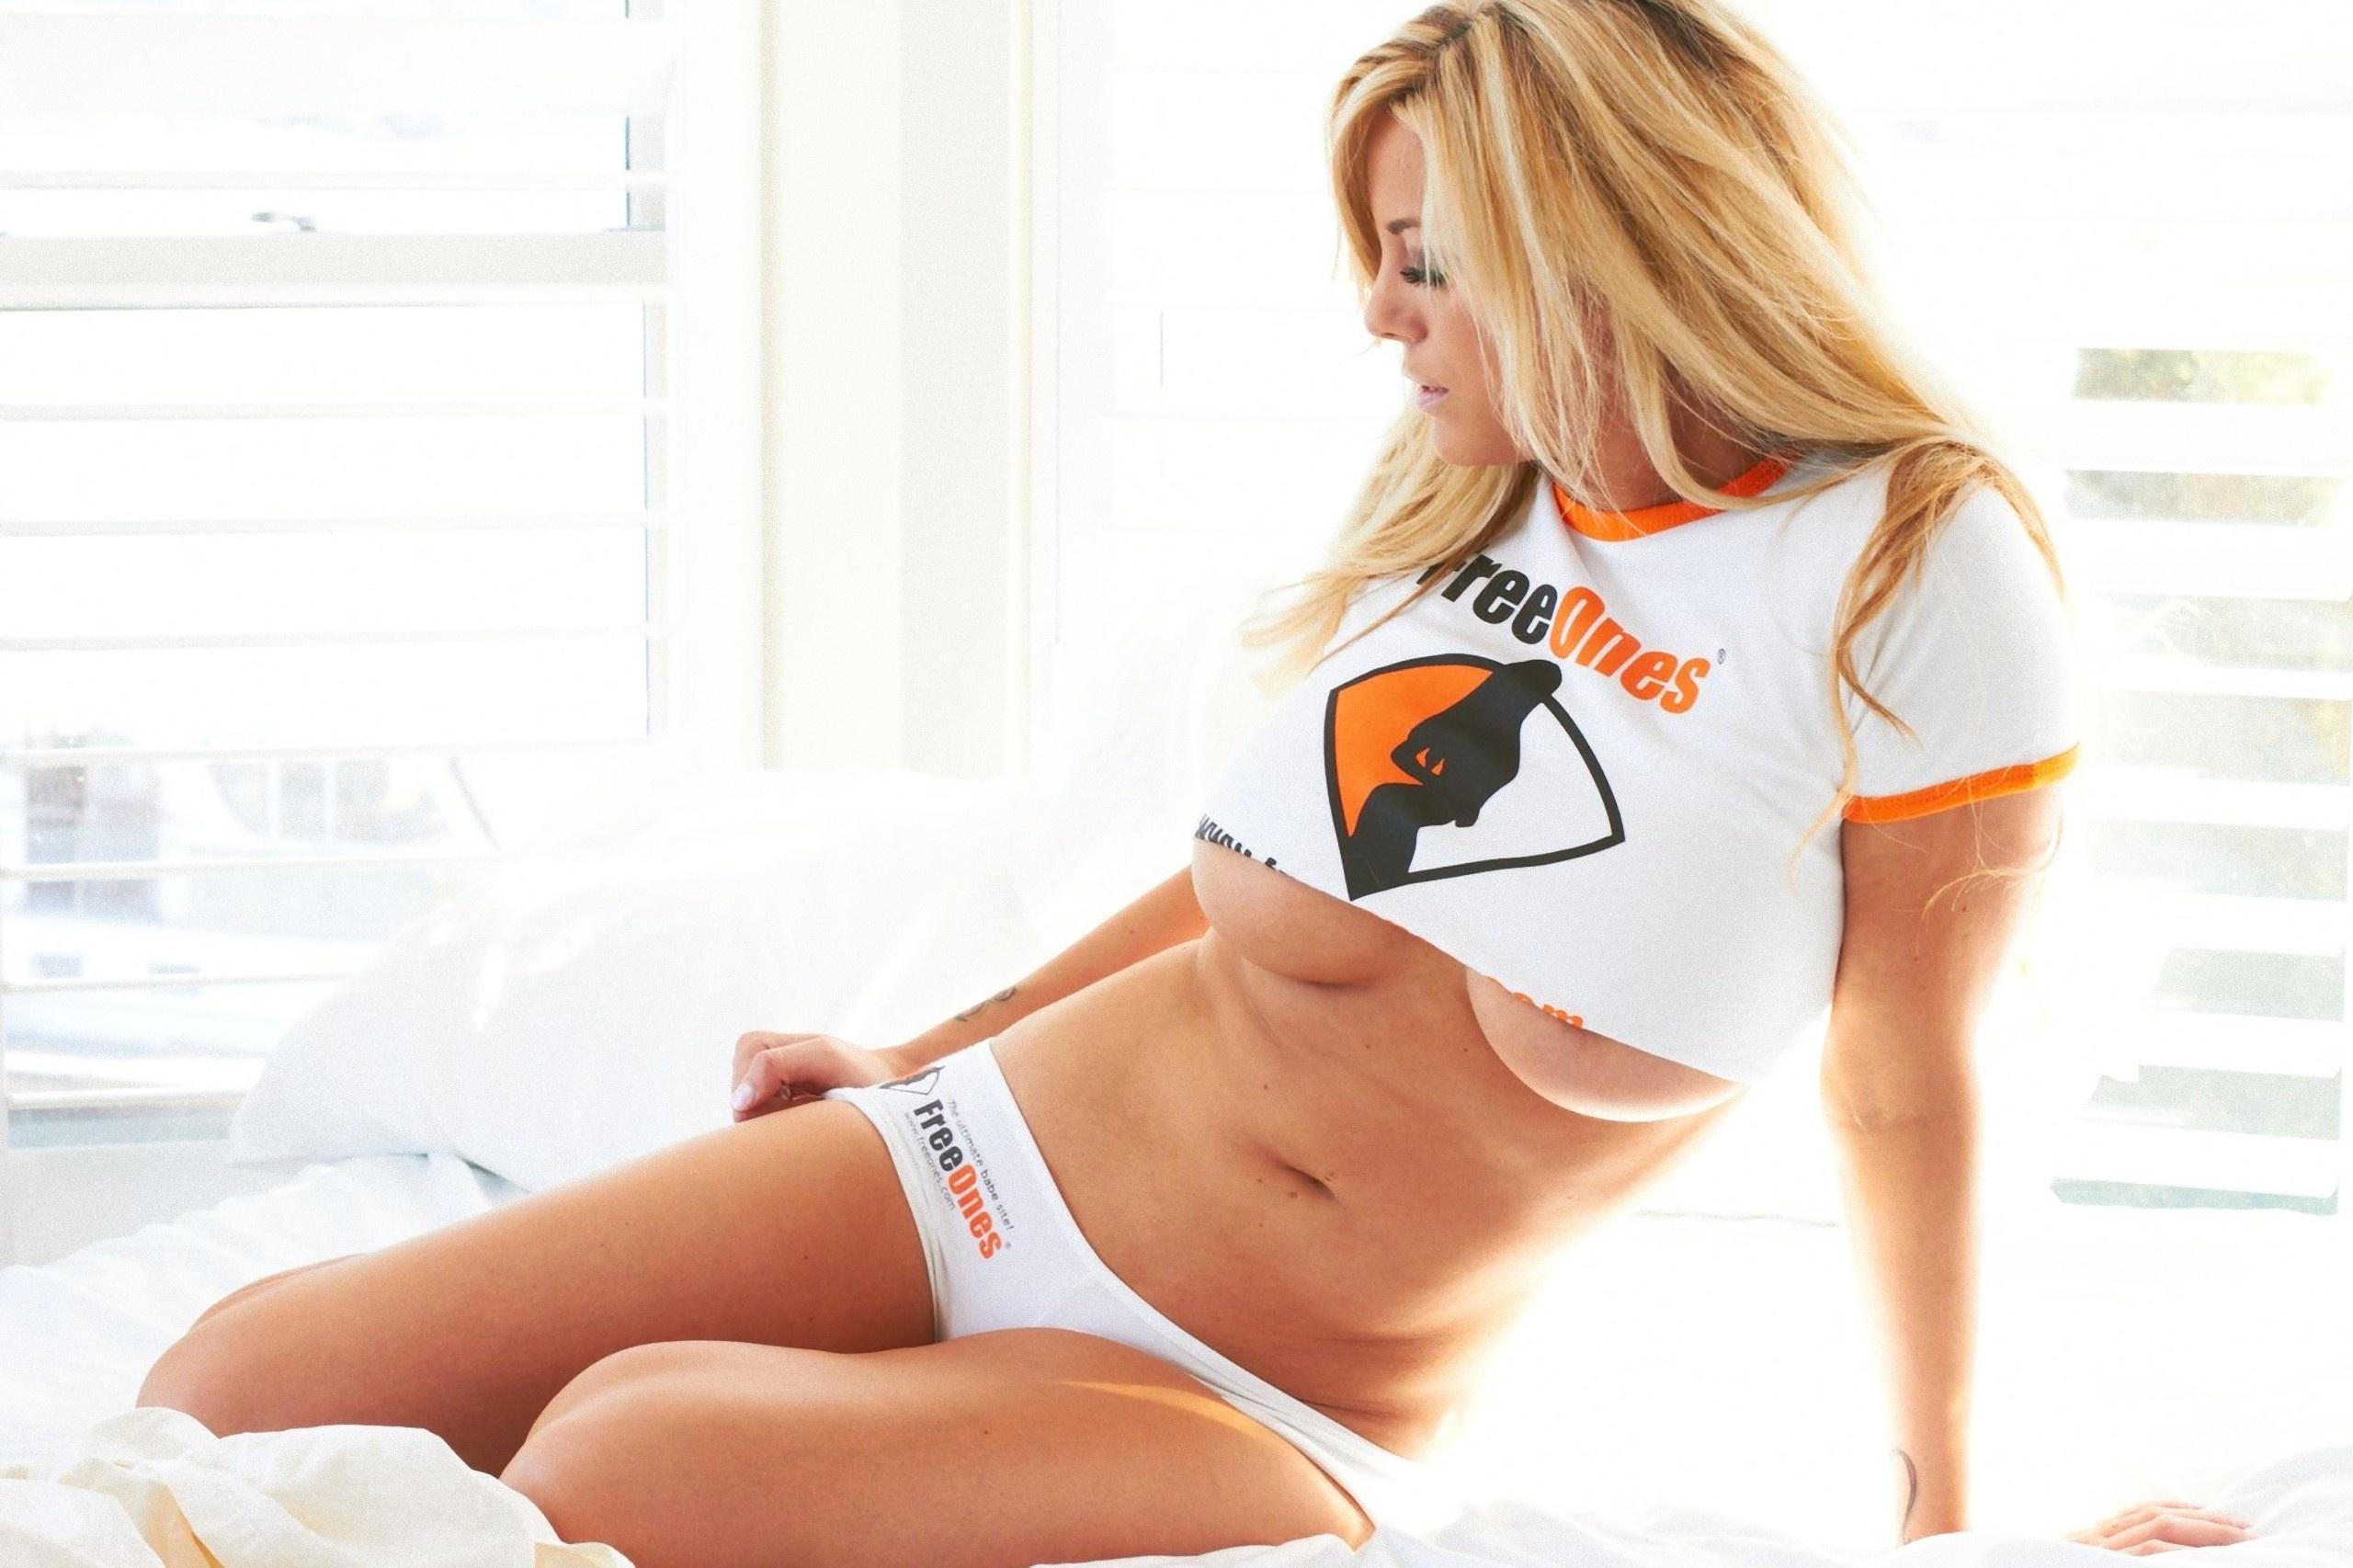 Big tits blonde got anal sex 2